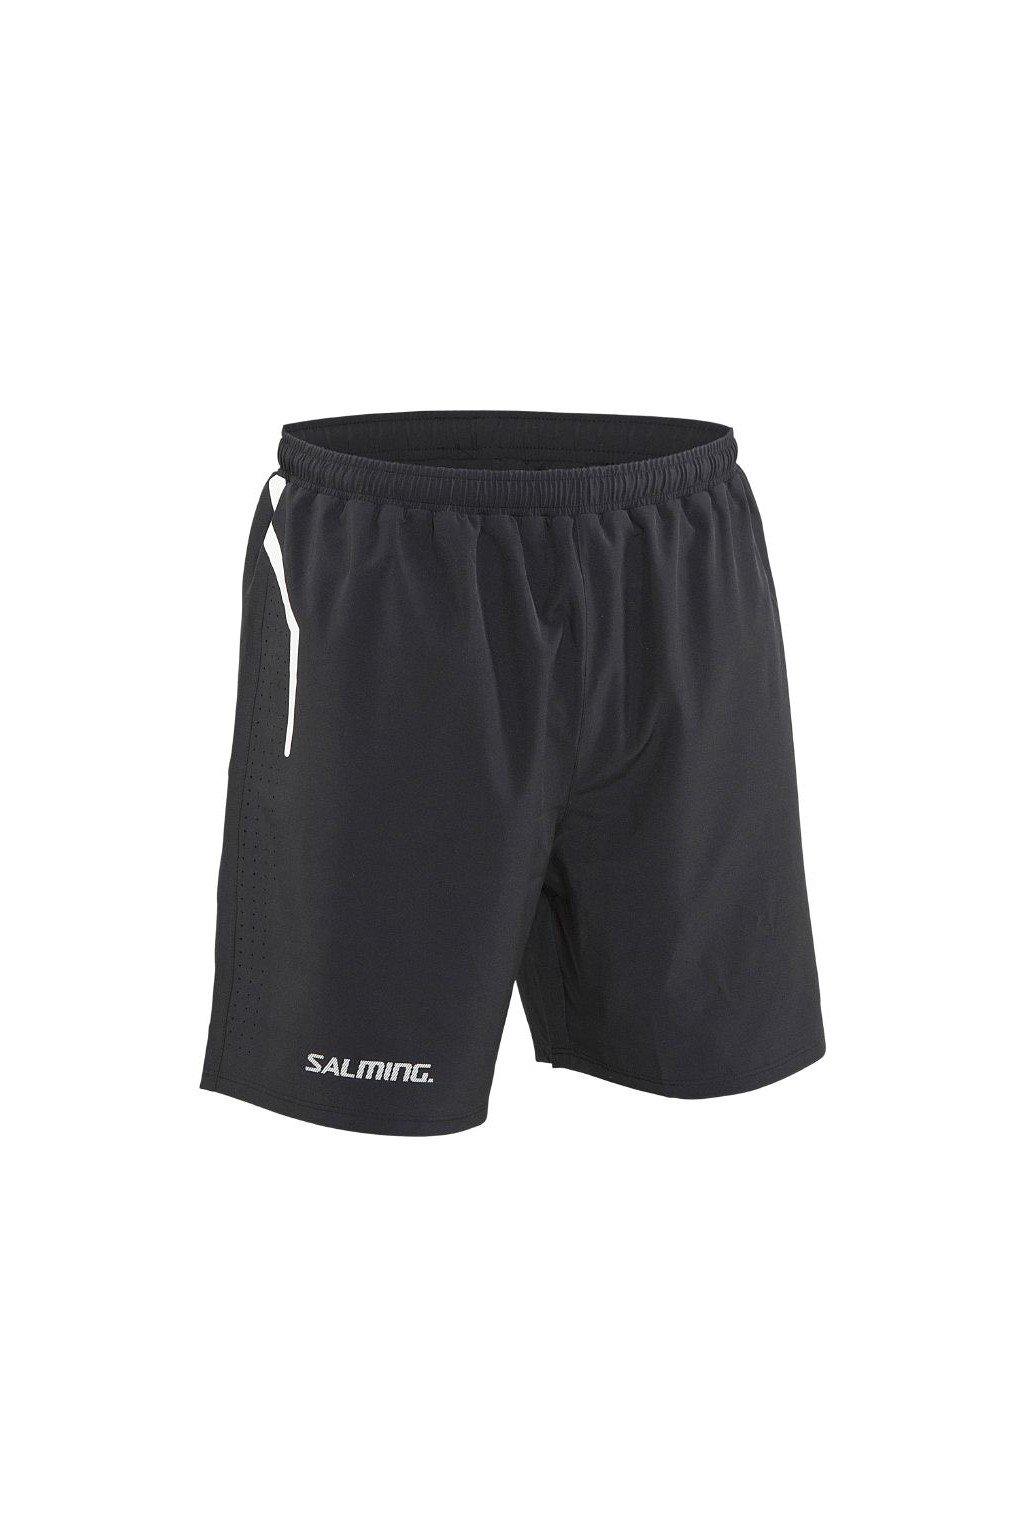 SALMING Pro Training Shorts Grey